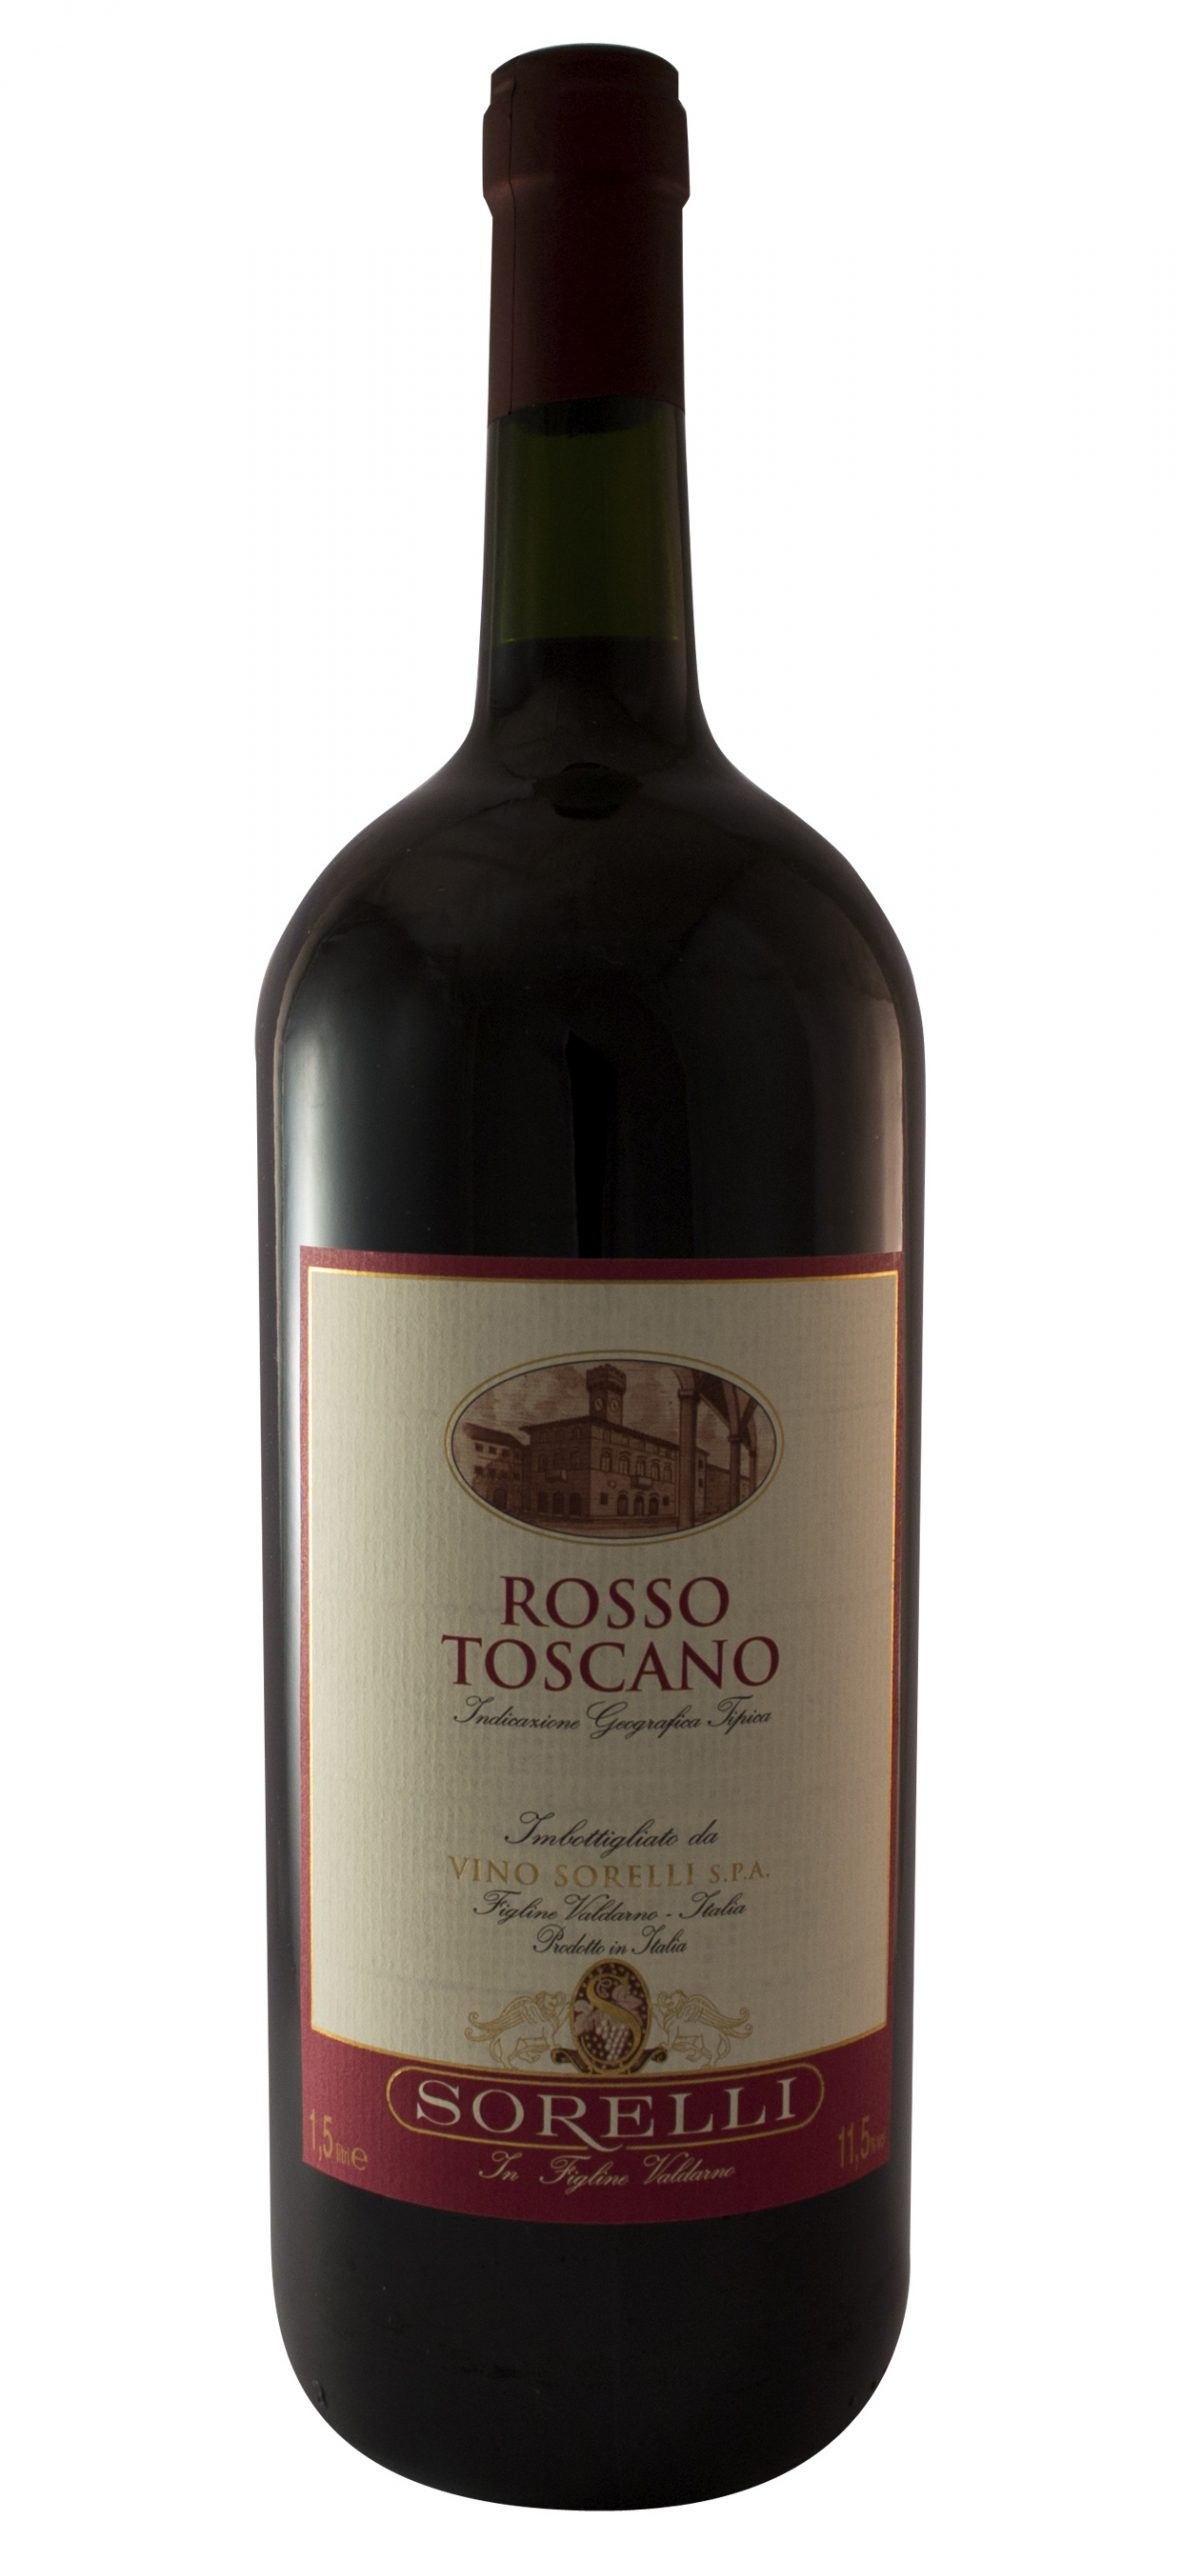 TOSCANO ROSSO 1,5 LITRI